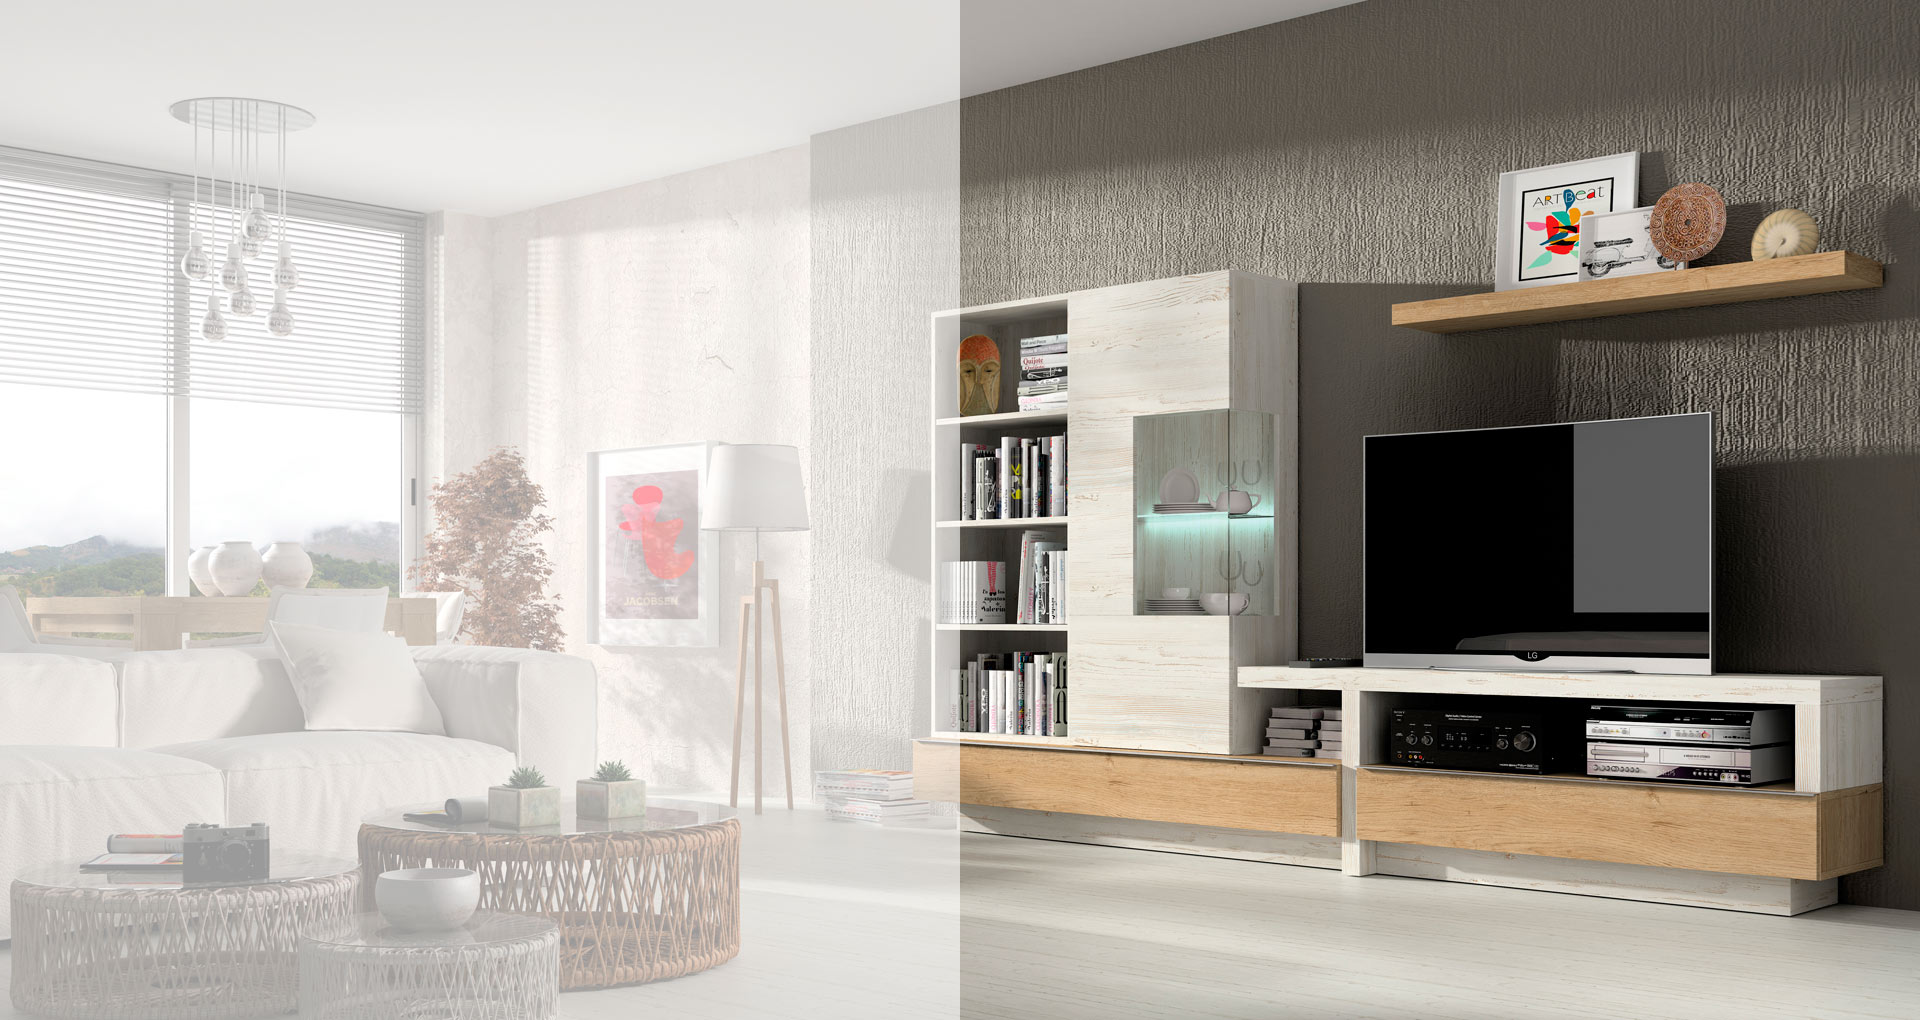 Muebles pacoli todo tipo de mobiliario para el hogar en - Mobiliario para el hogar ...